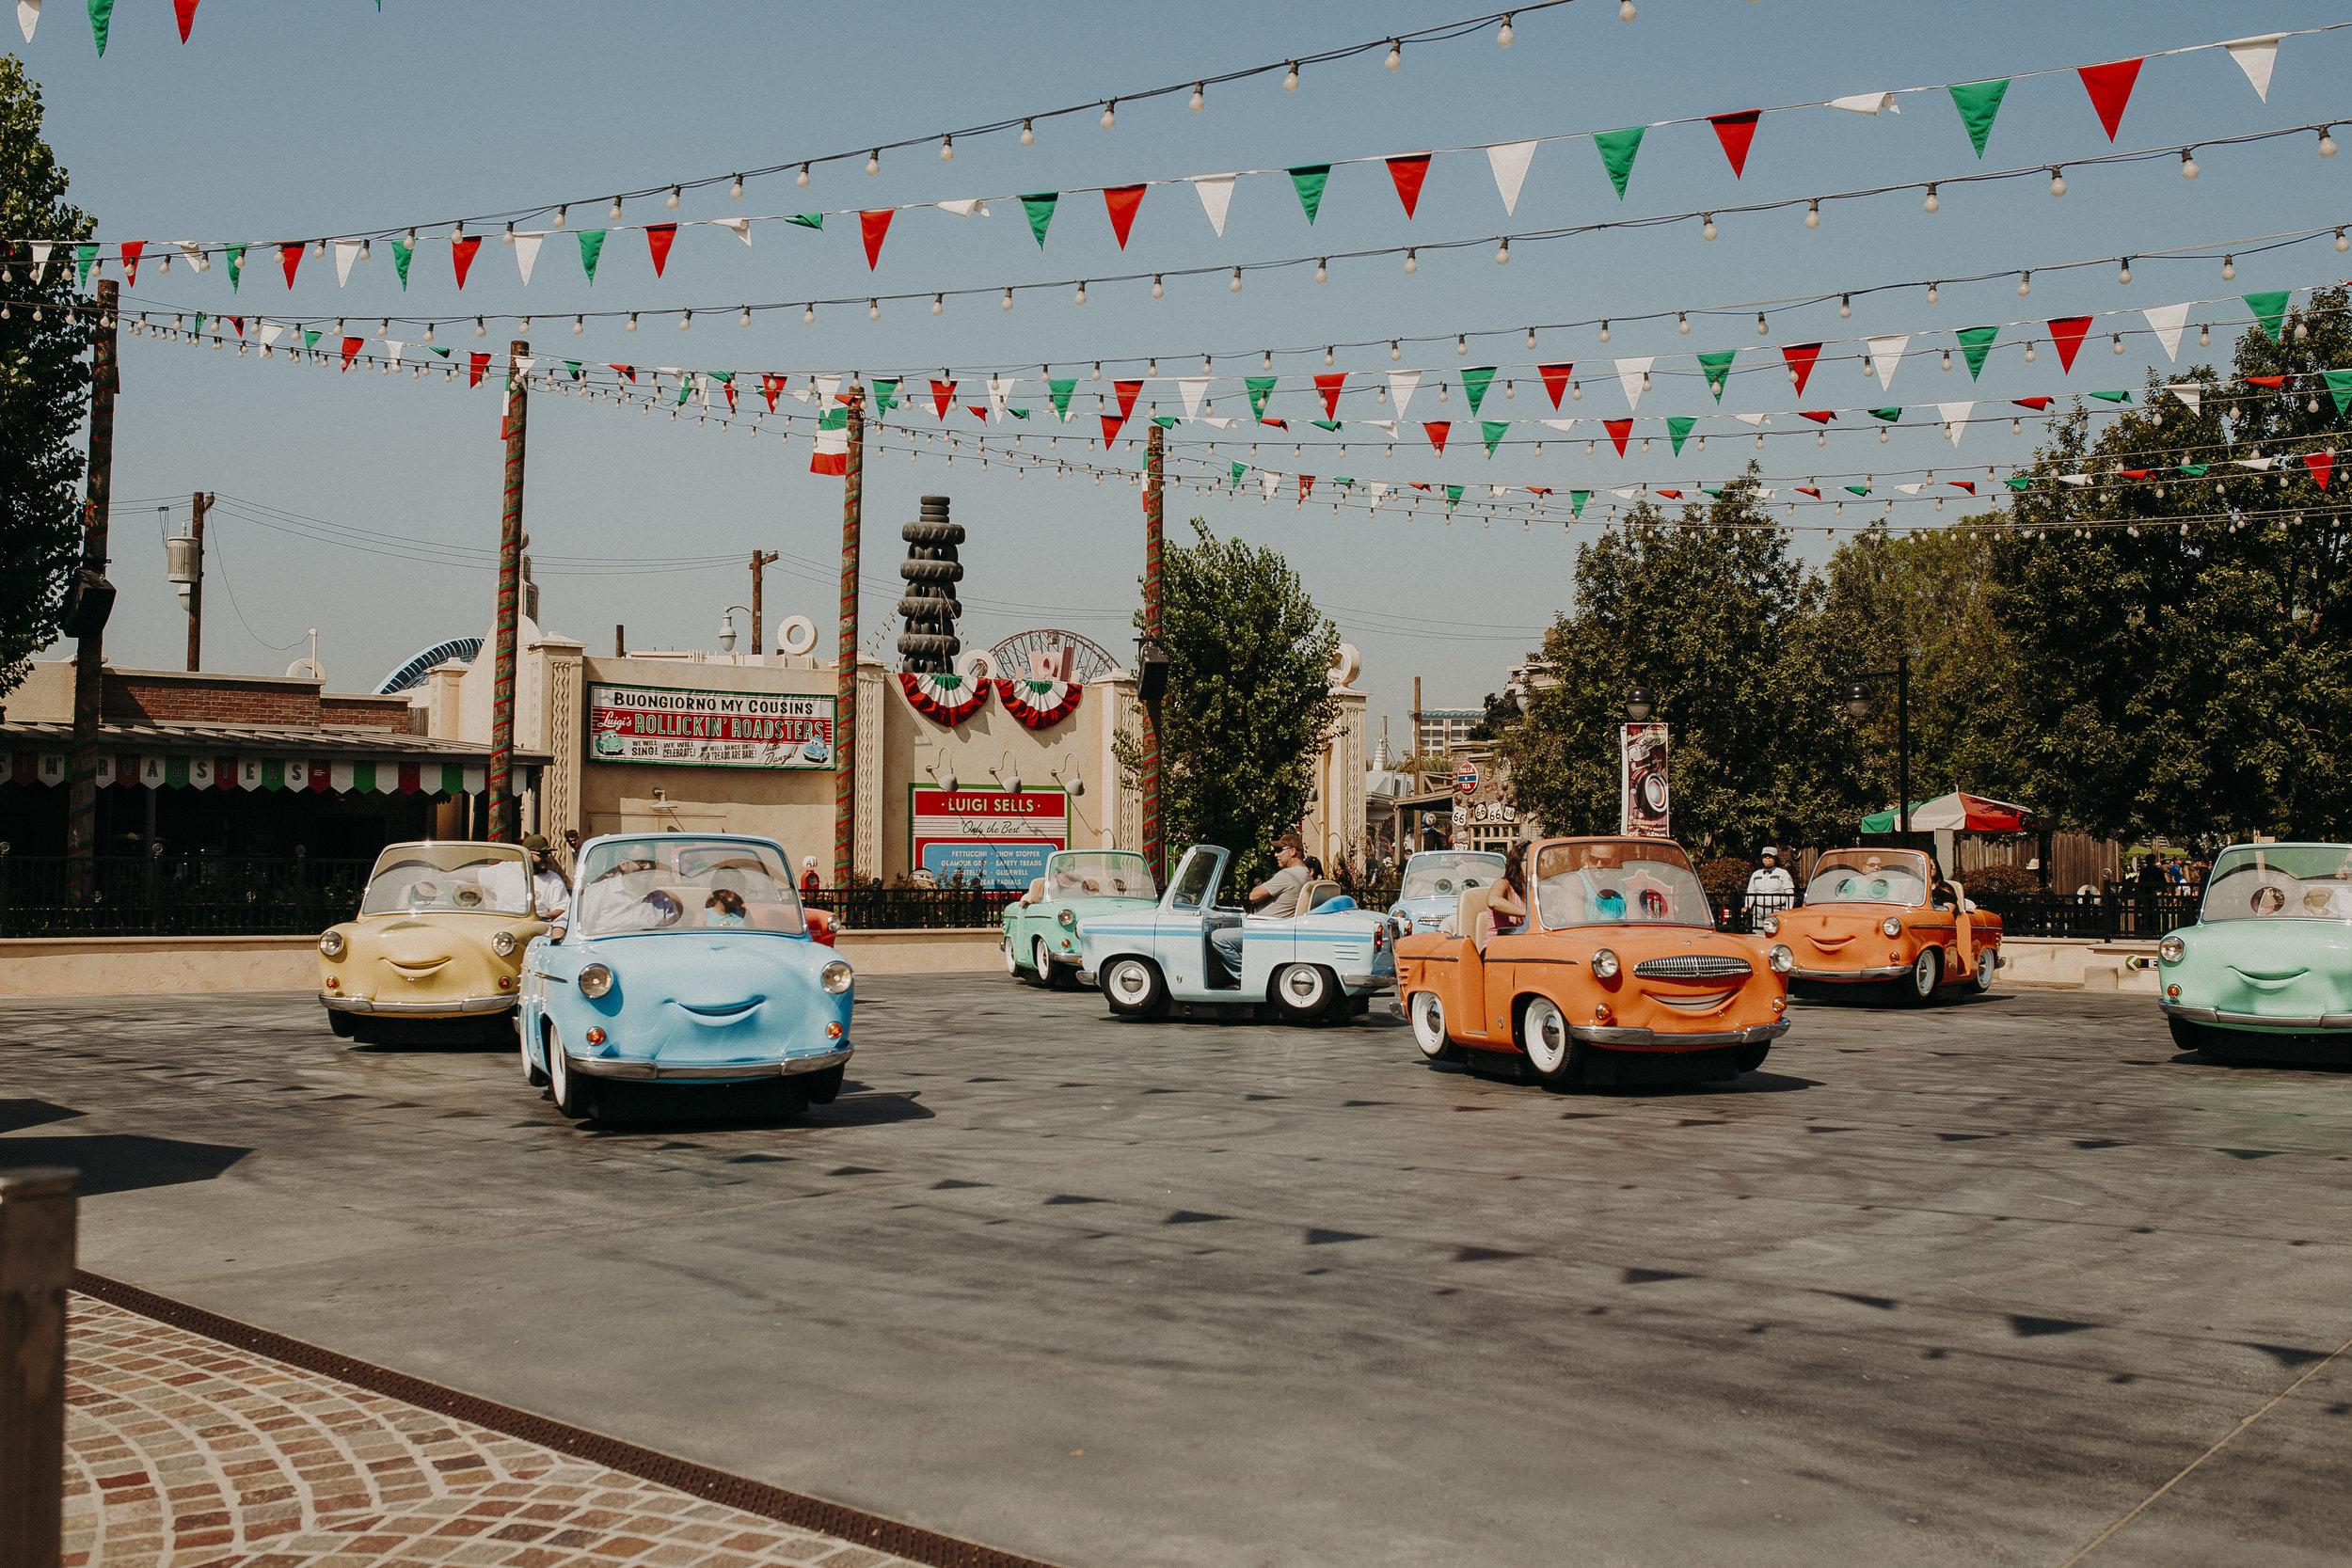 Disneys-California-Adventure-Pictures-12.jpg